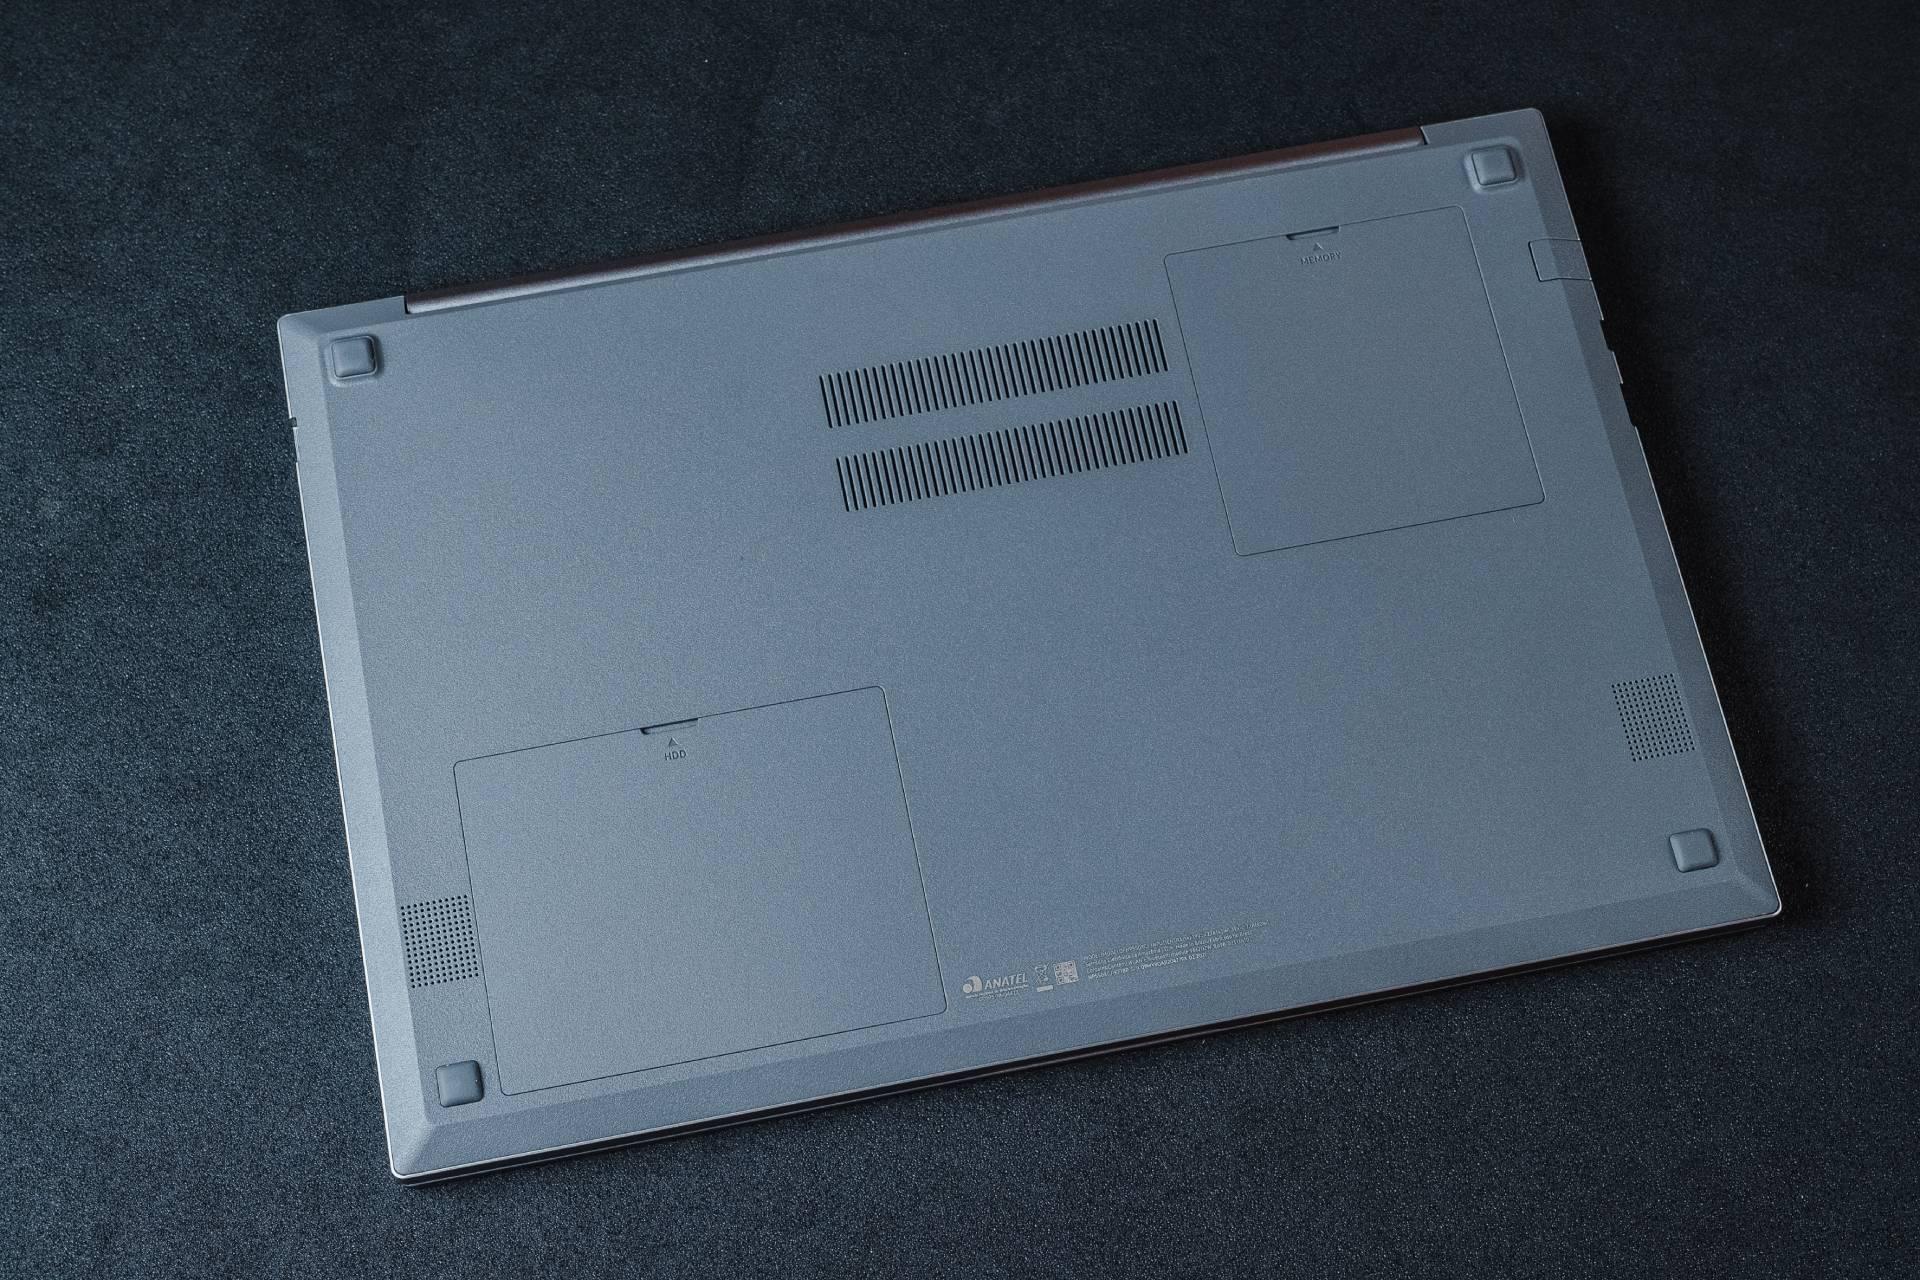 As portas da parte inferior facilitam o acesso ao HD e memória RAM. Você pode trocar ou incluir mais peças sem perder a garantia do Samsung Book X30